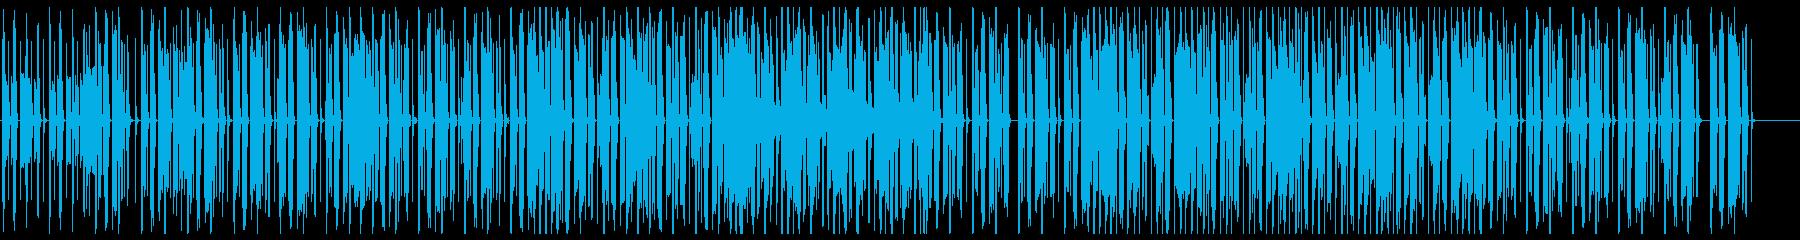 オシャレなチル系ビート 歌なしサックス無の再生済みの波形